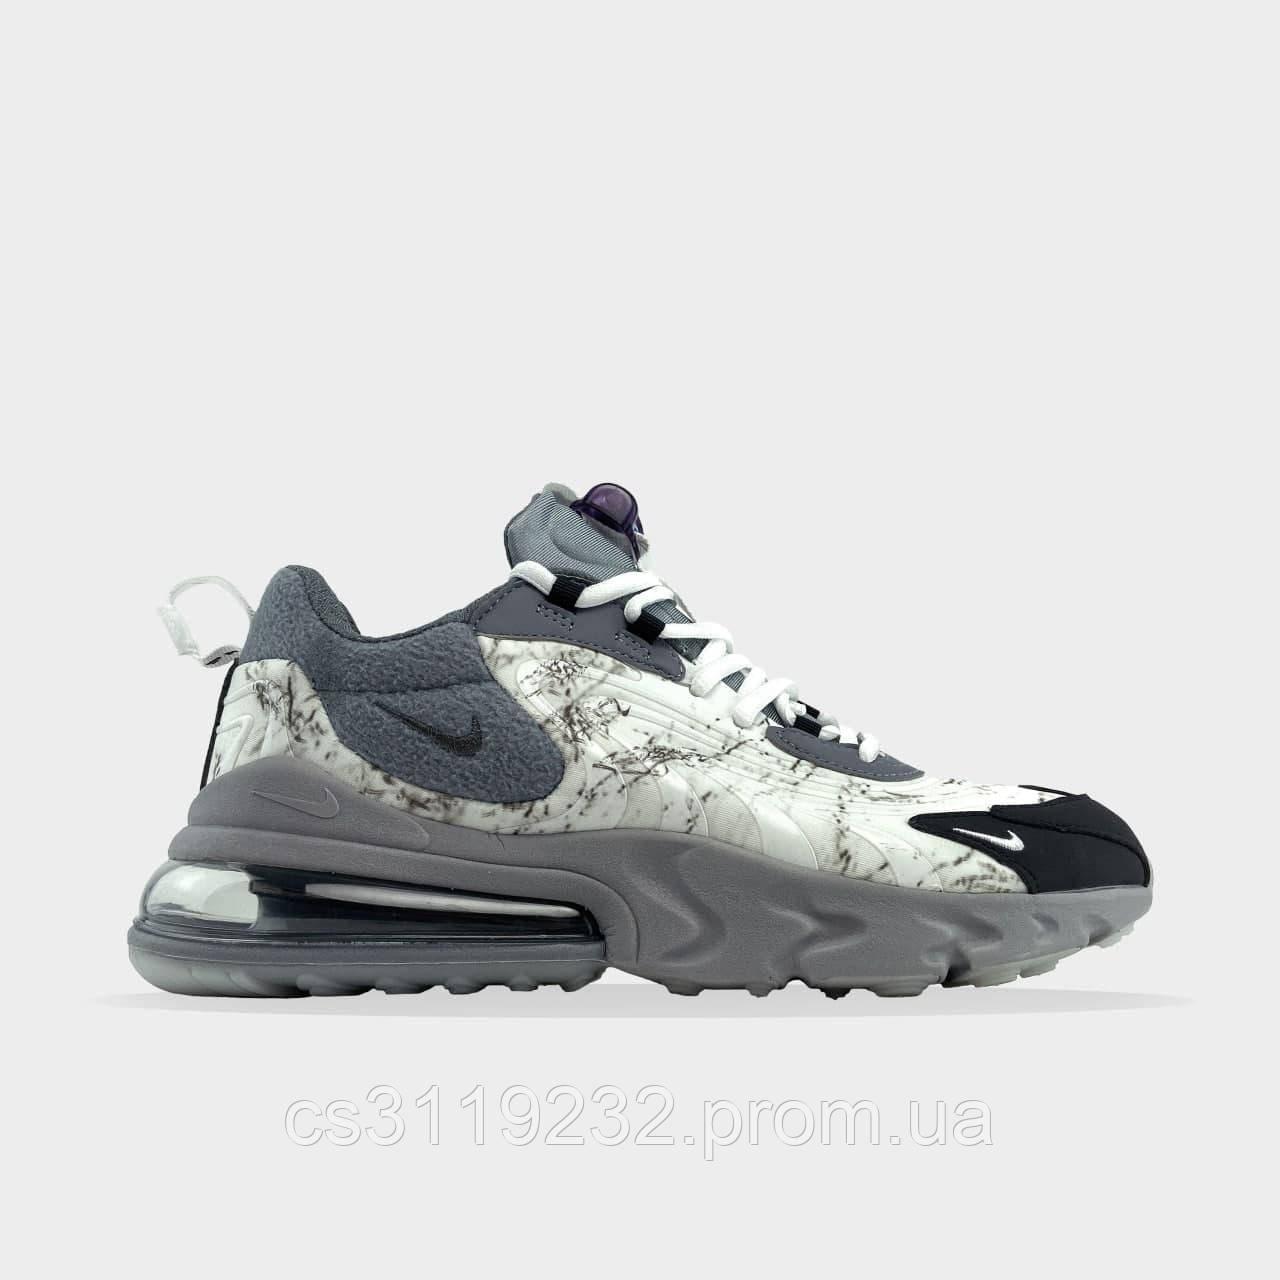 Чоловічі кросівки 270 React X Travis Scott (сірий)